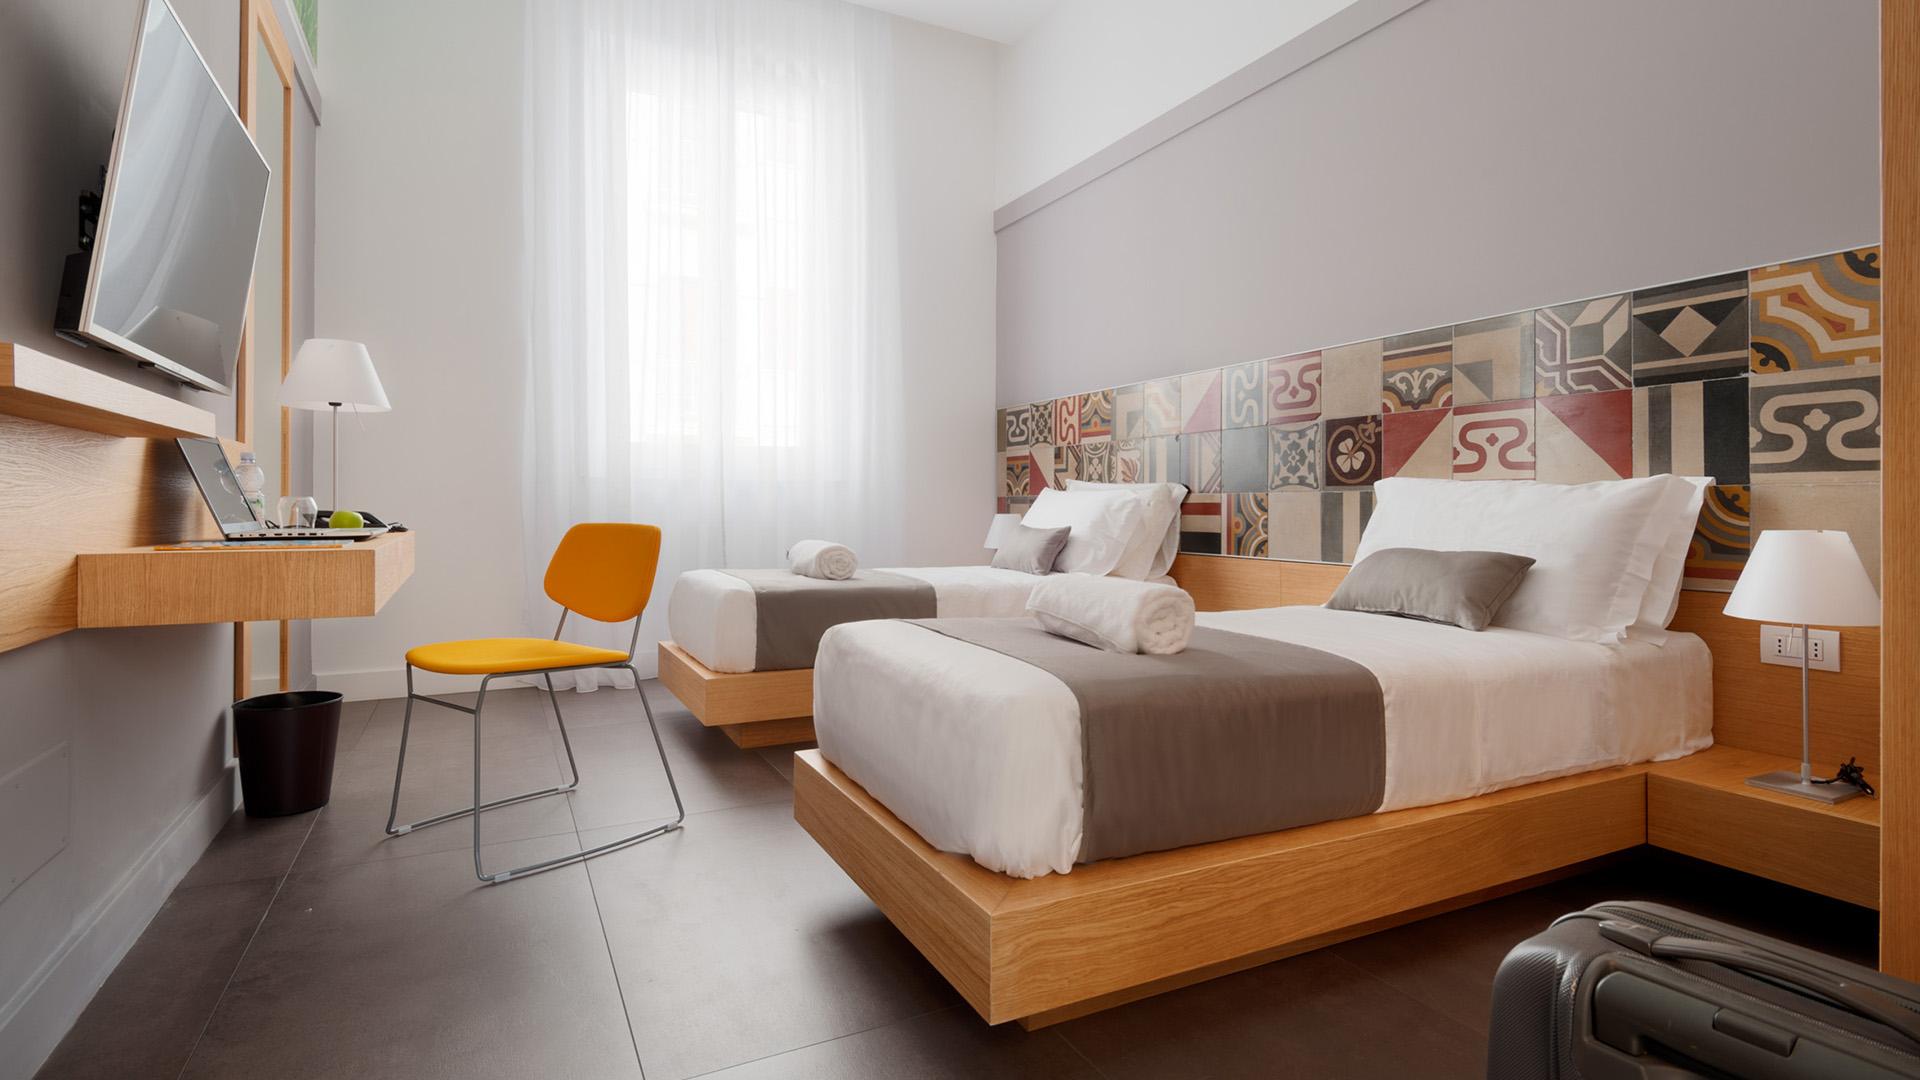 Hotel Medinblu - stanza classic doppia o letti separati